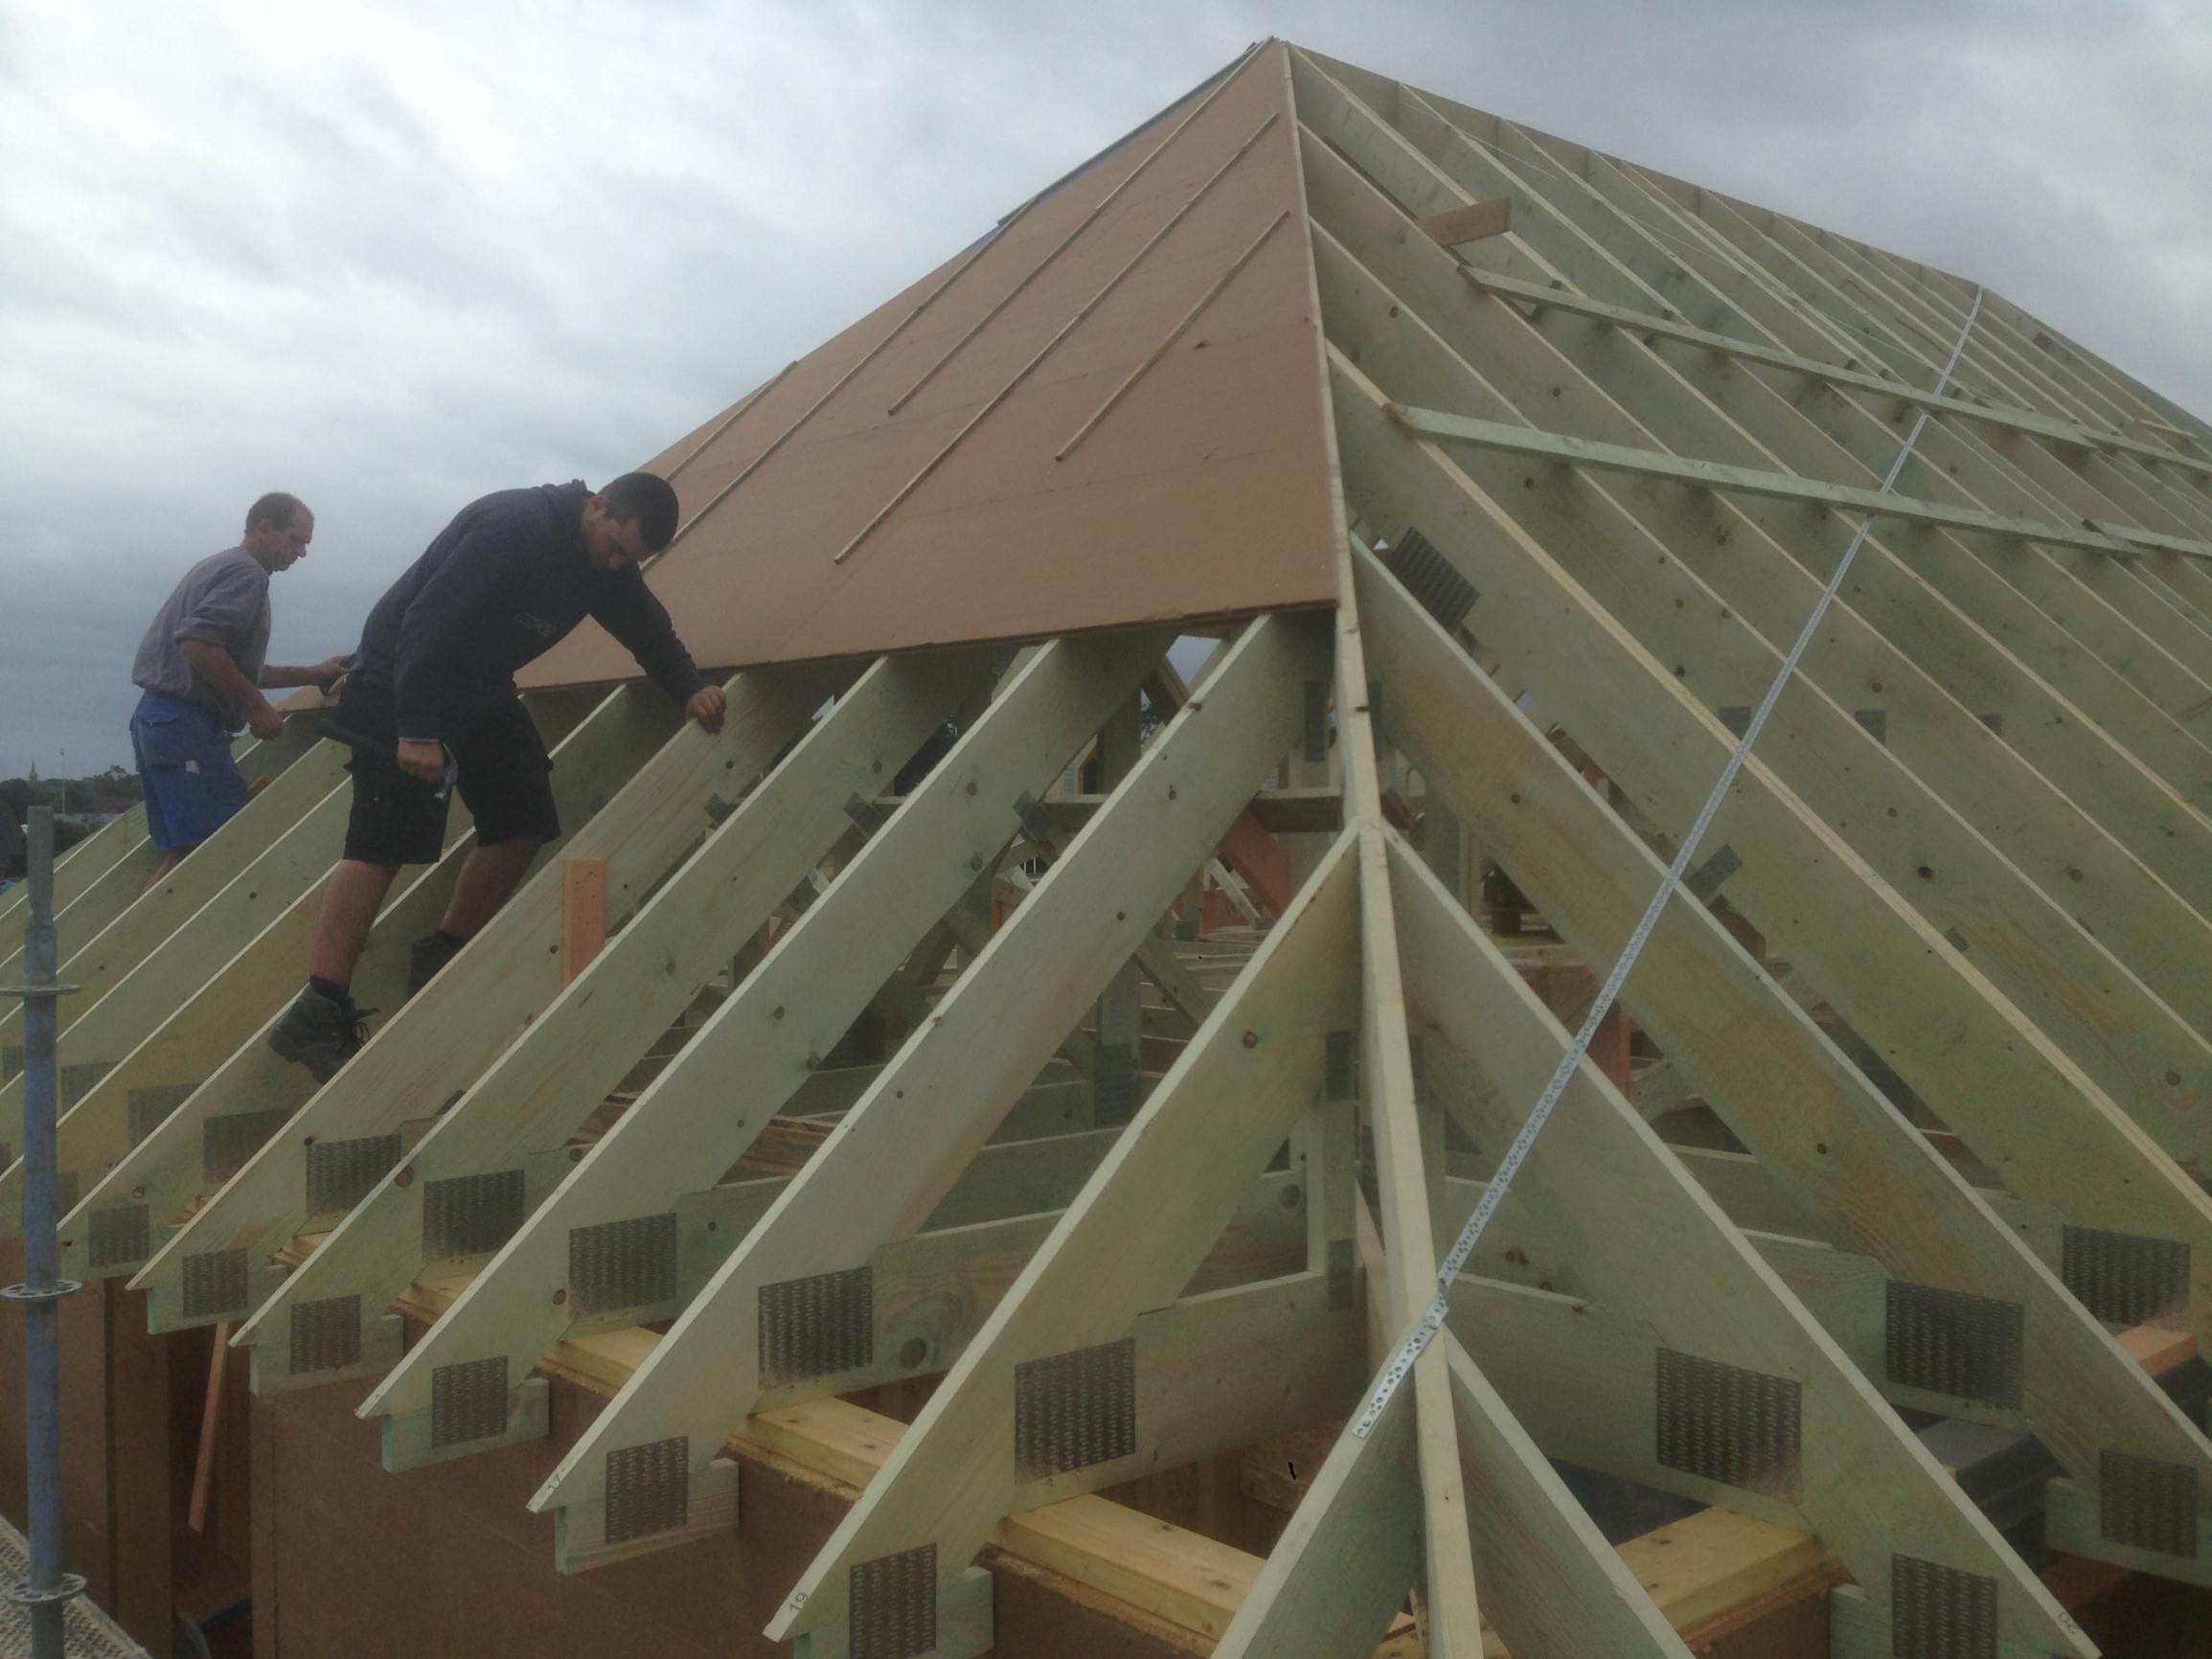 16226-6-nieuwbouwzondag-arkana-ben-woning-in-houtskeletbouw